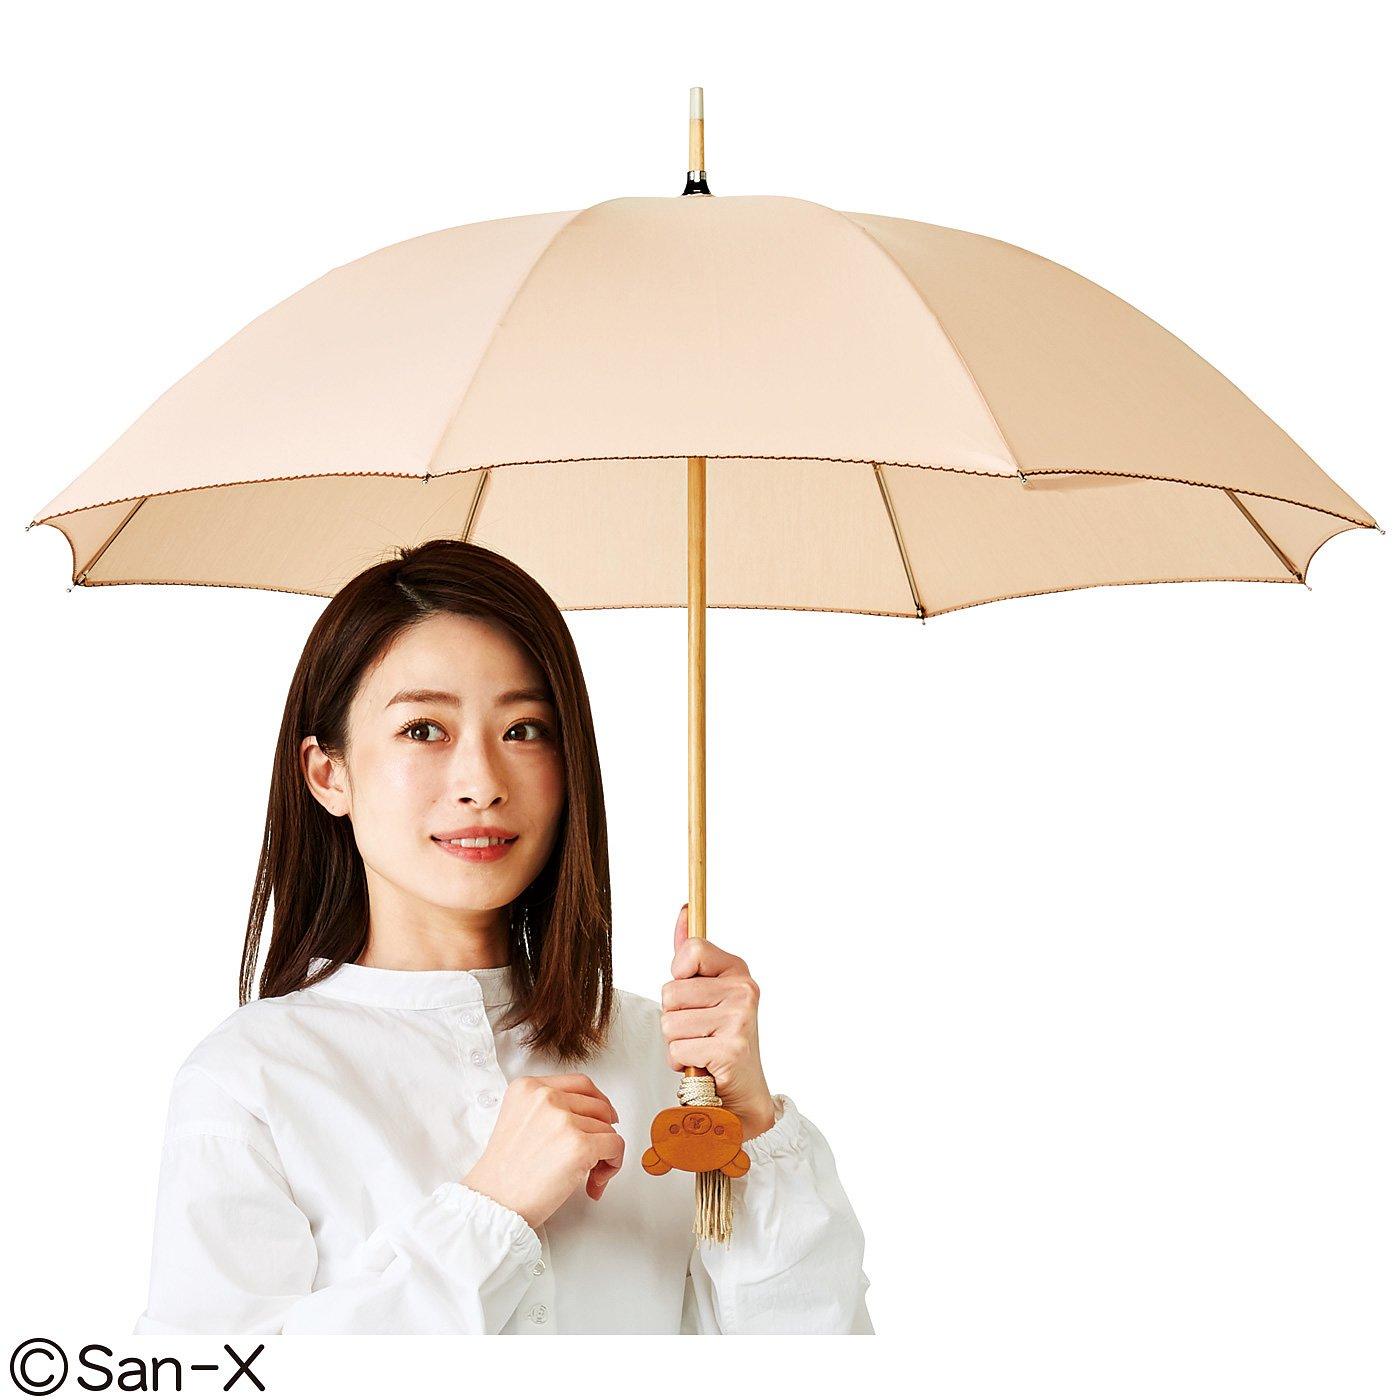 リラックマ 木製の持ち手にキュン フリンジ付き晴雨兼用傘